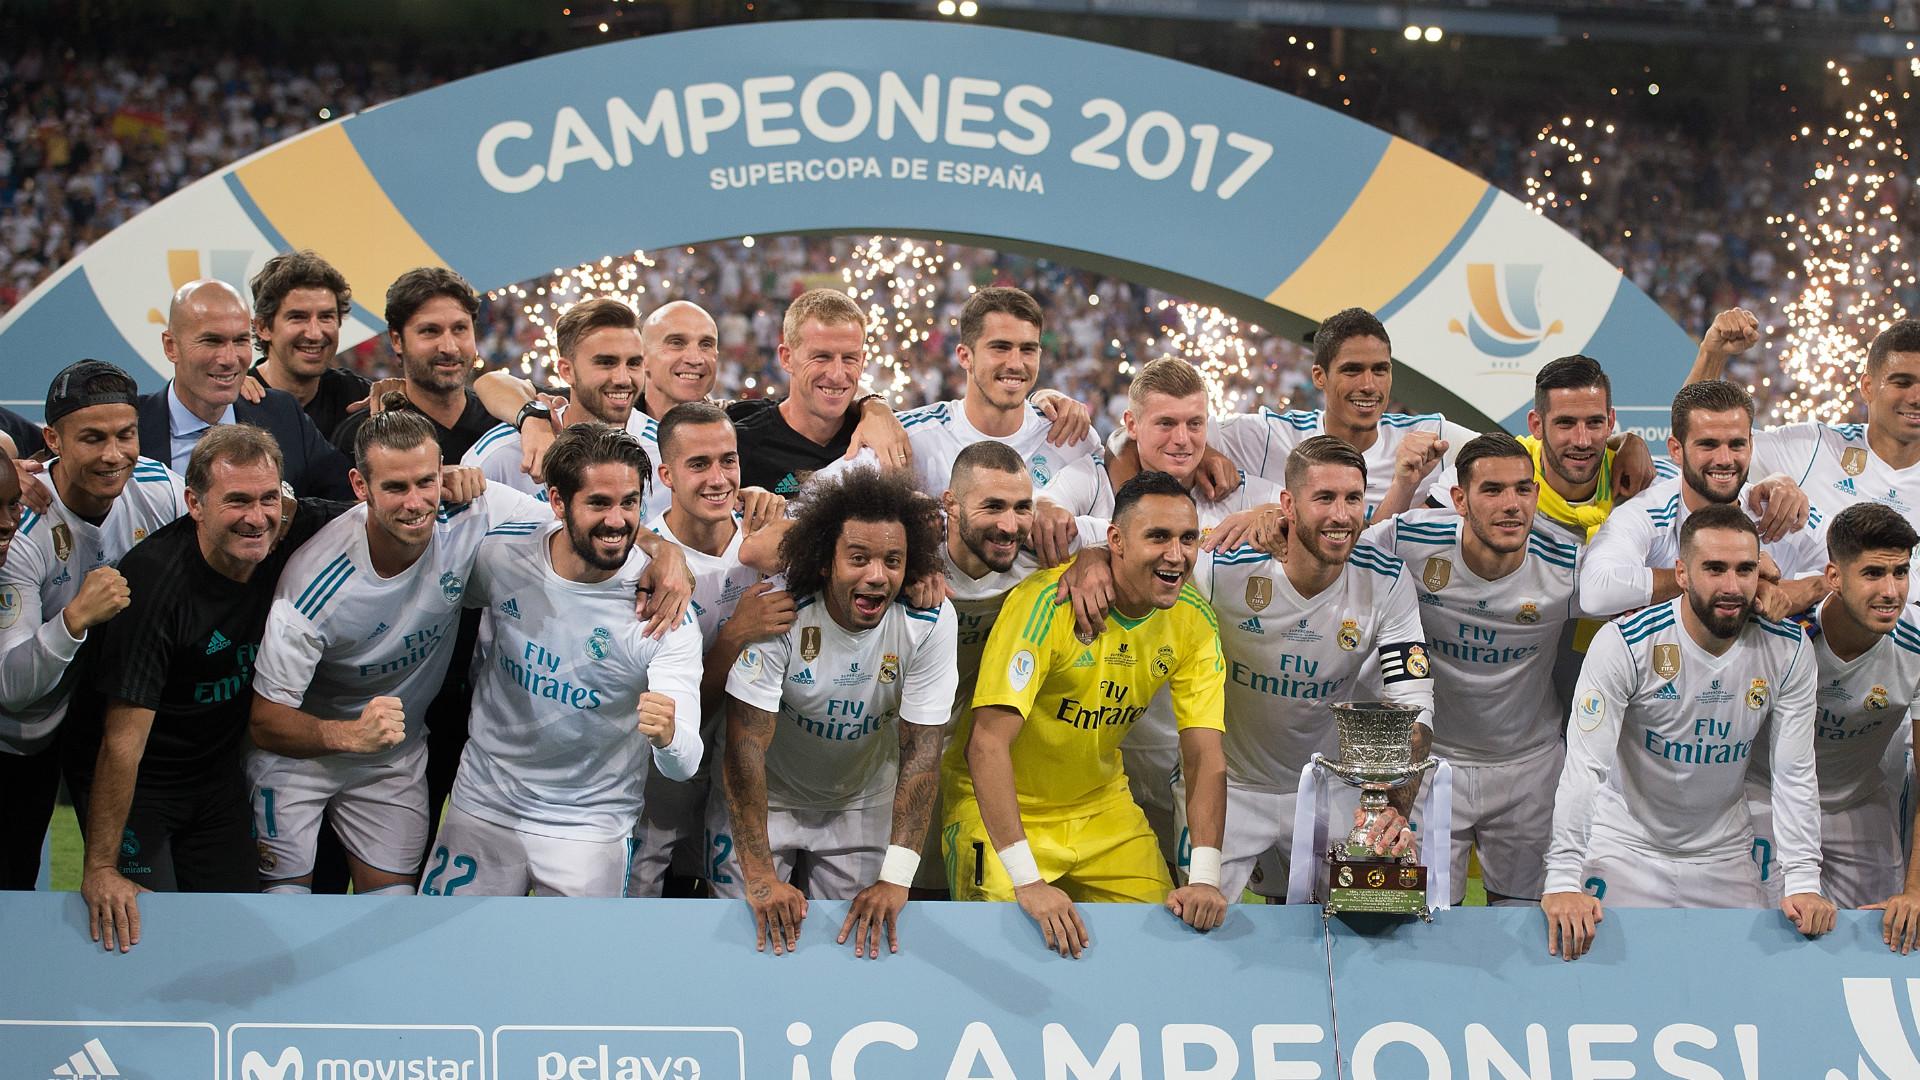 Real Madrid Supercopa de Espana